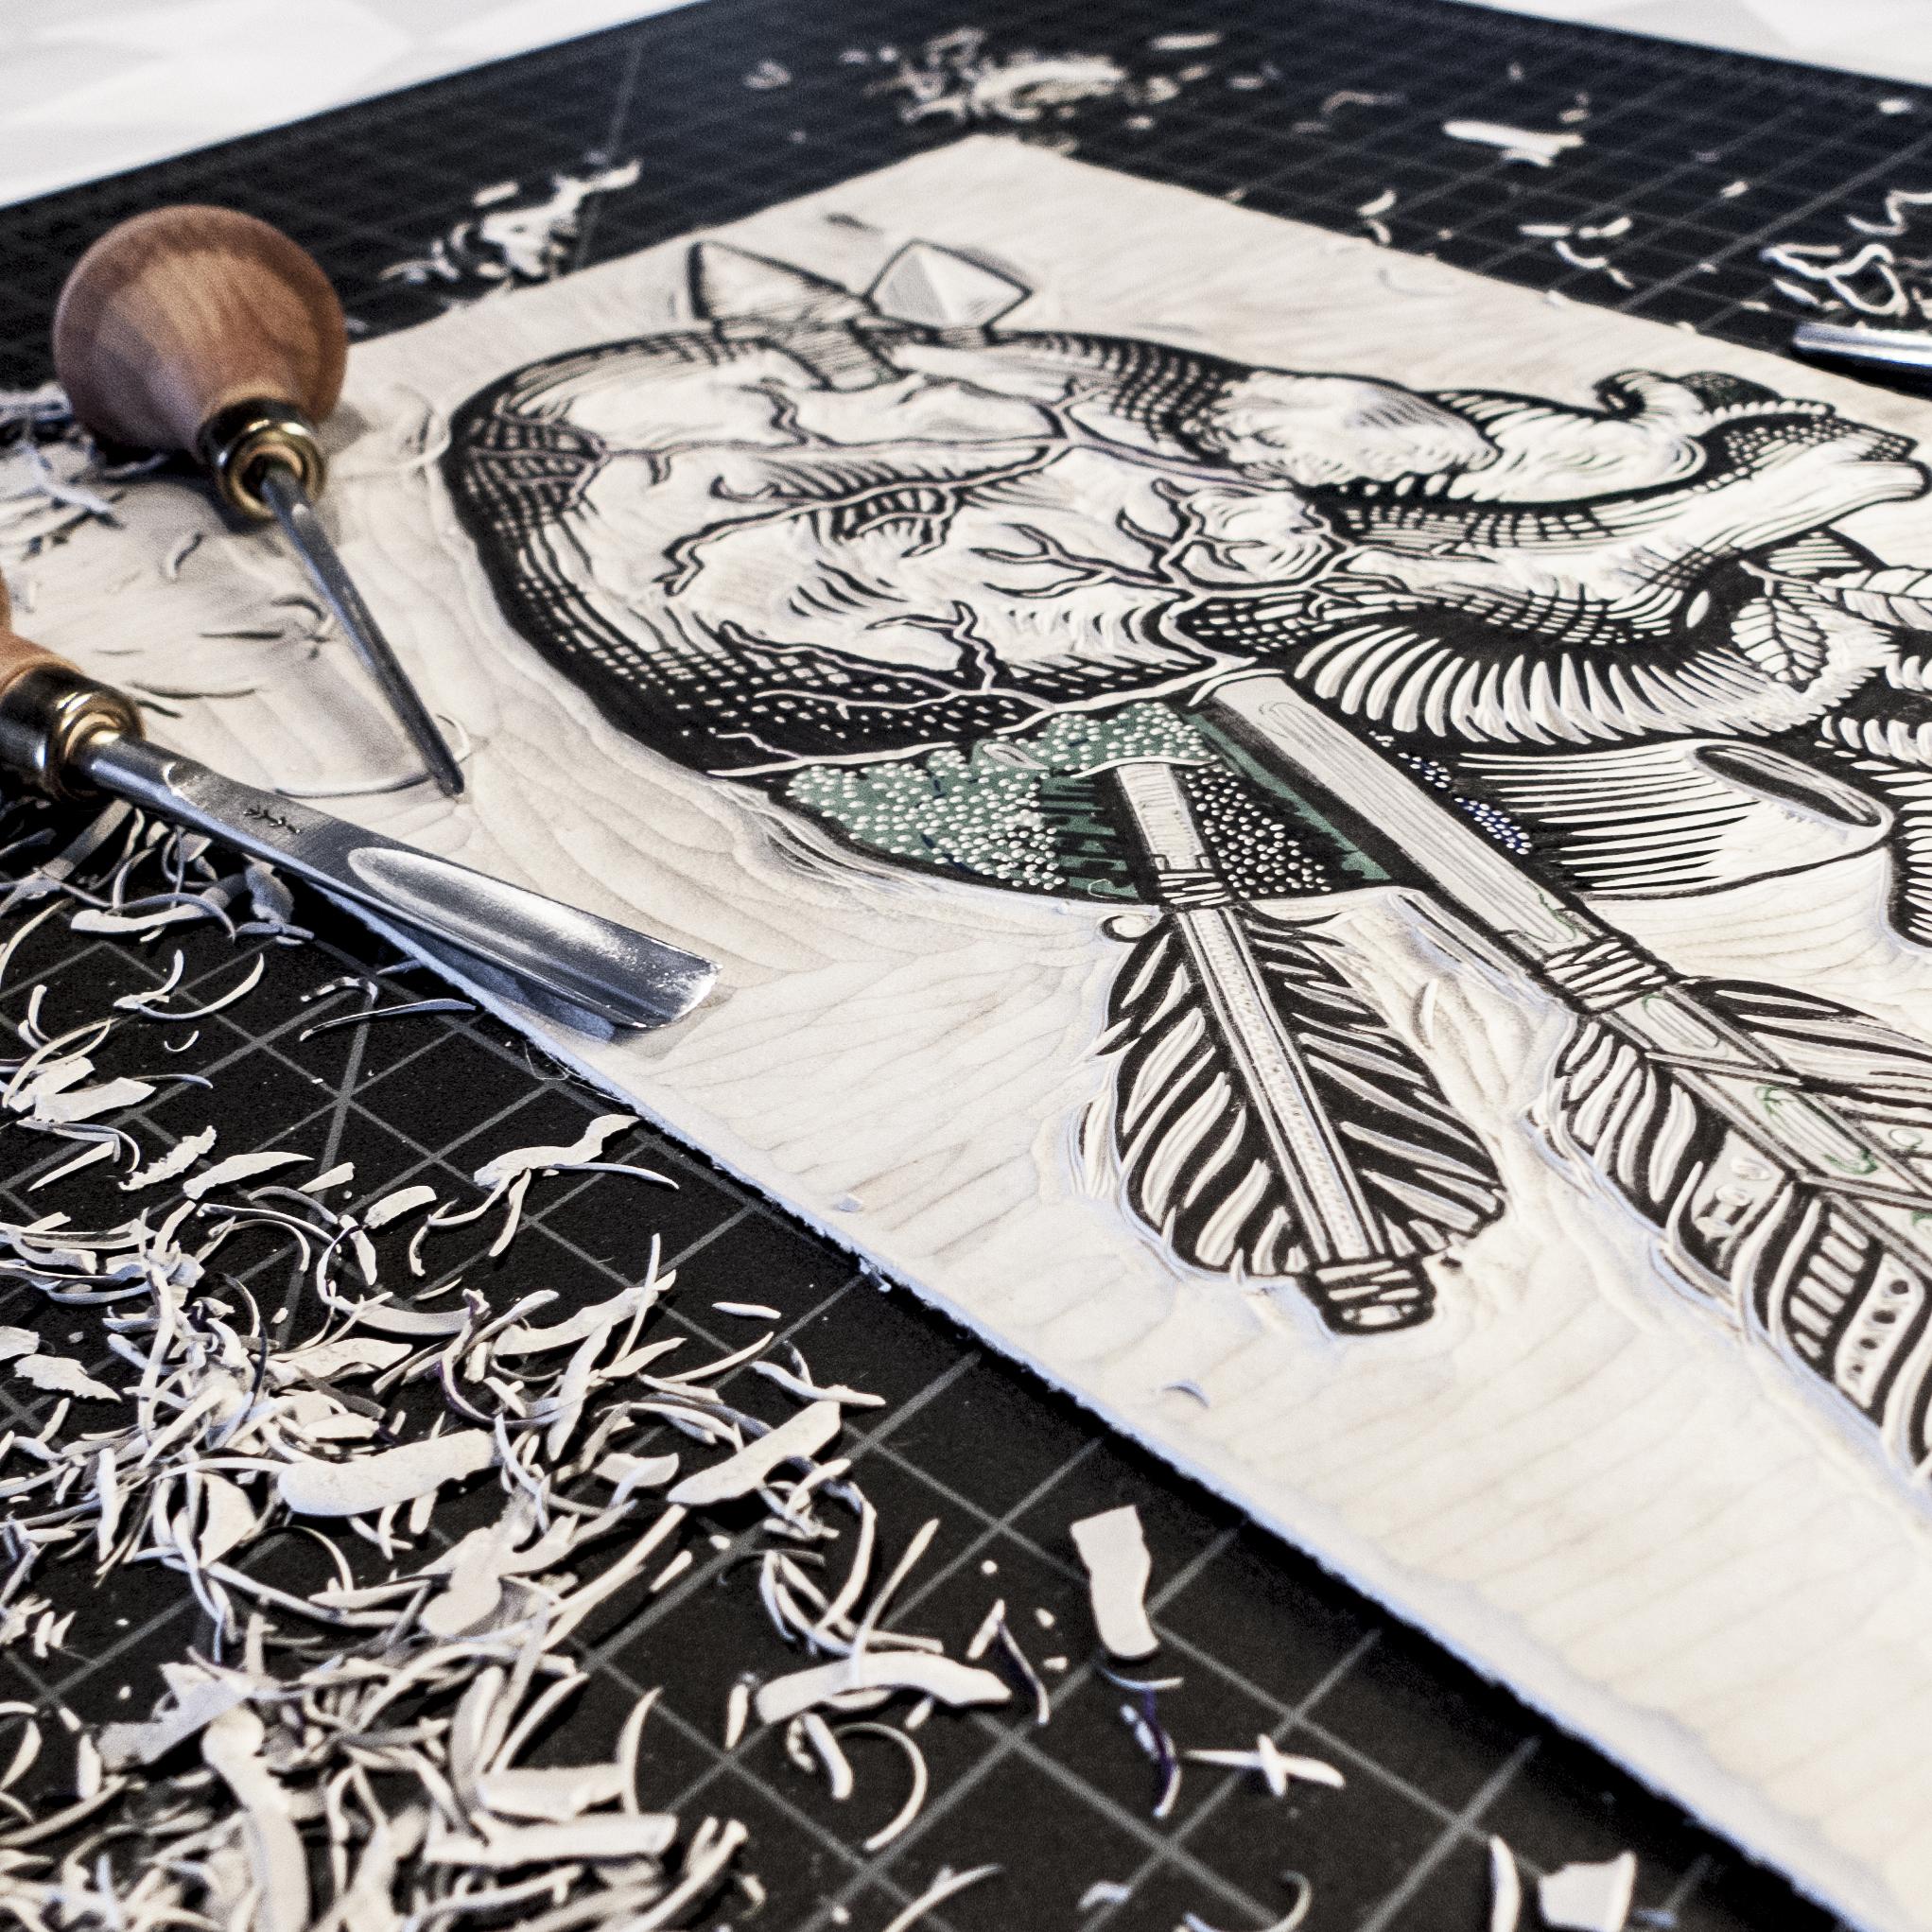 Kärlek-love-anatomical-heart-linocut-b-carving.jpg